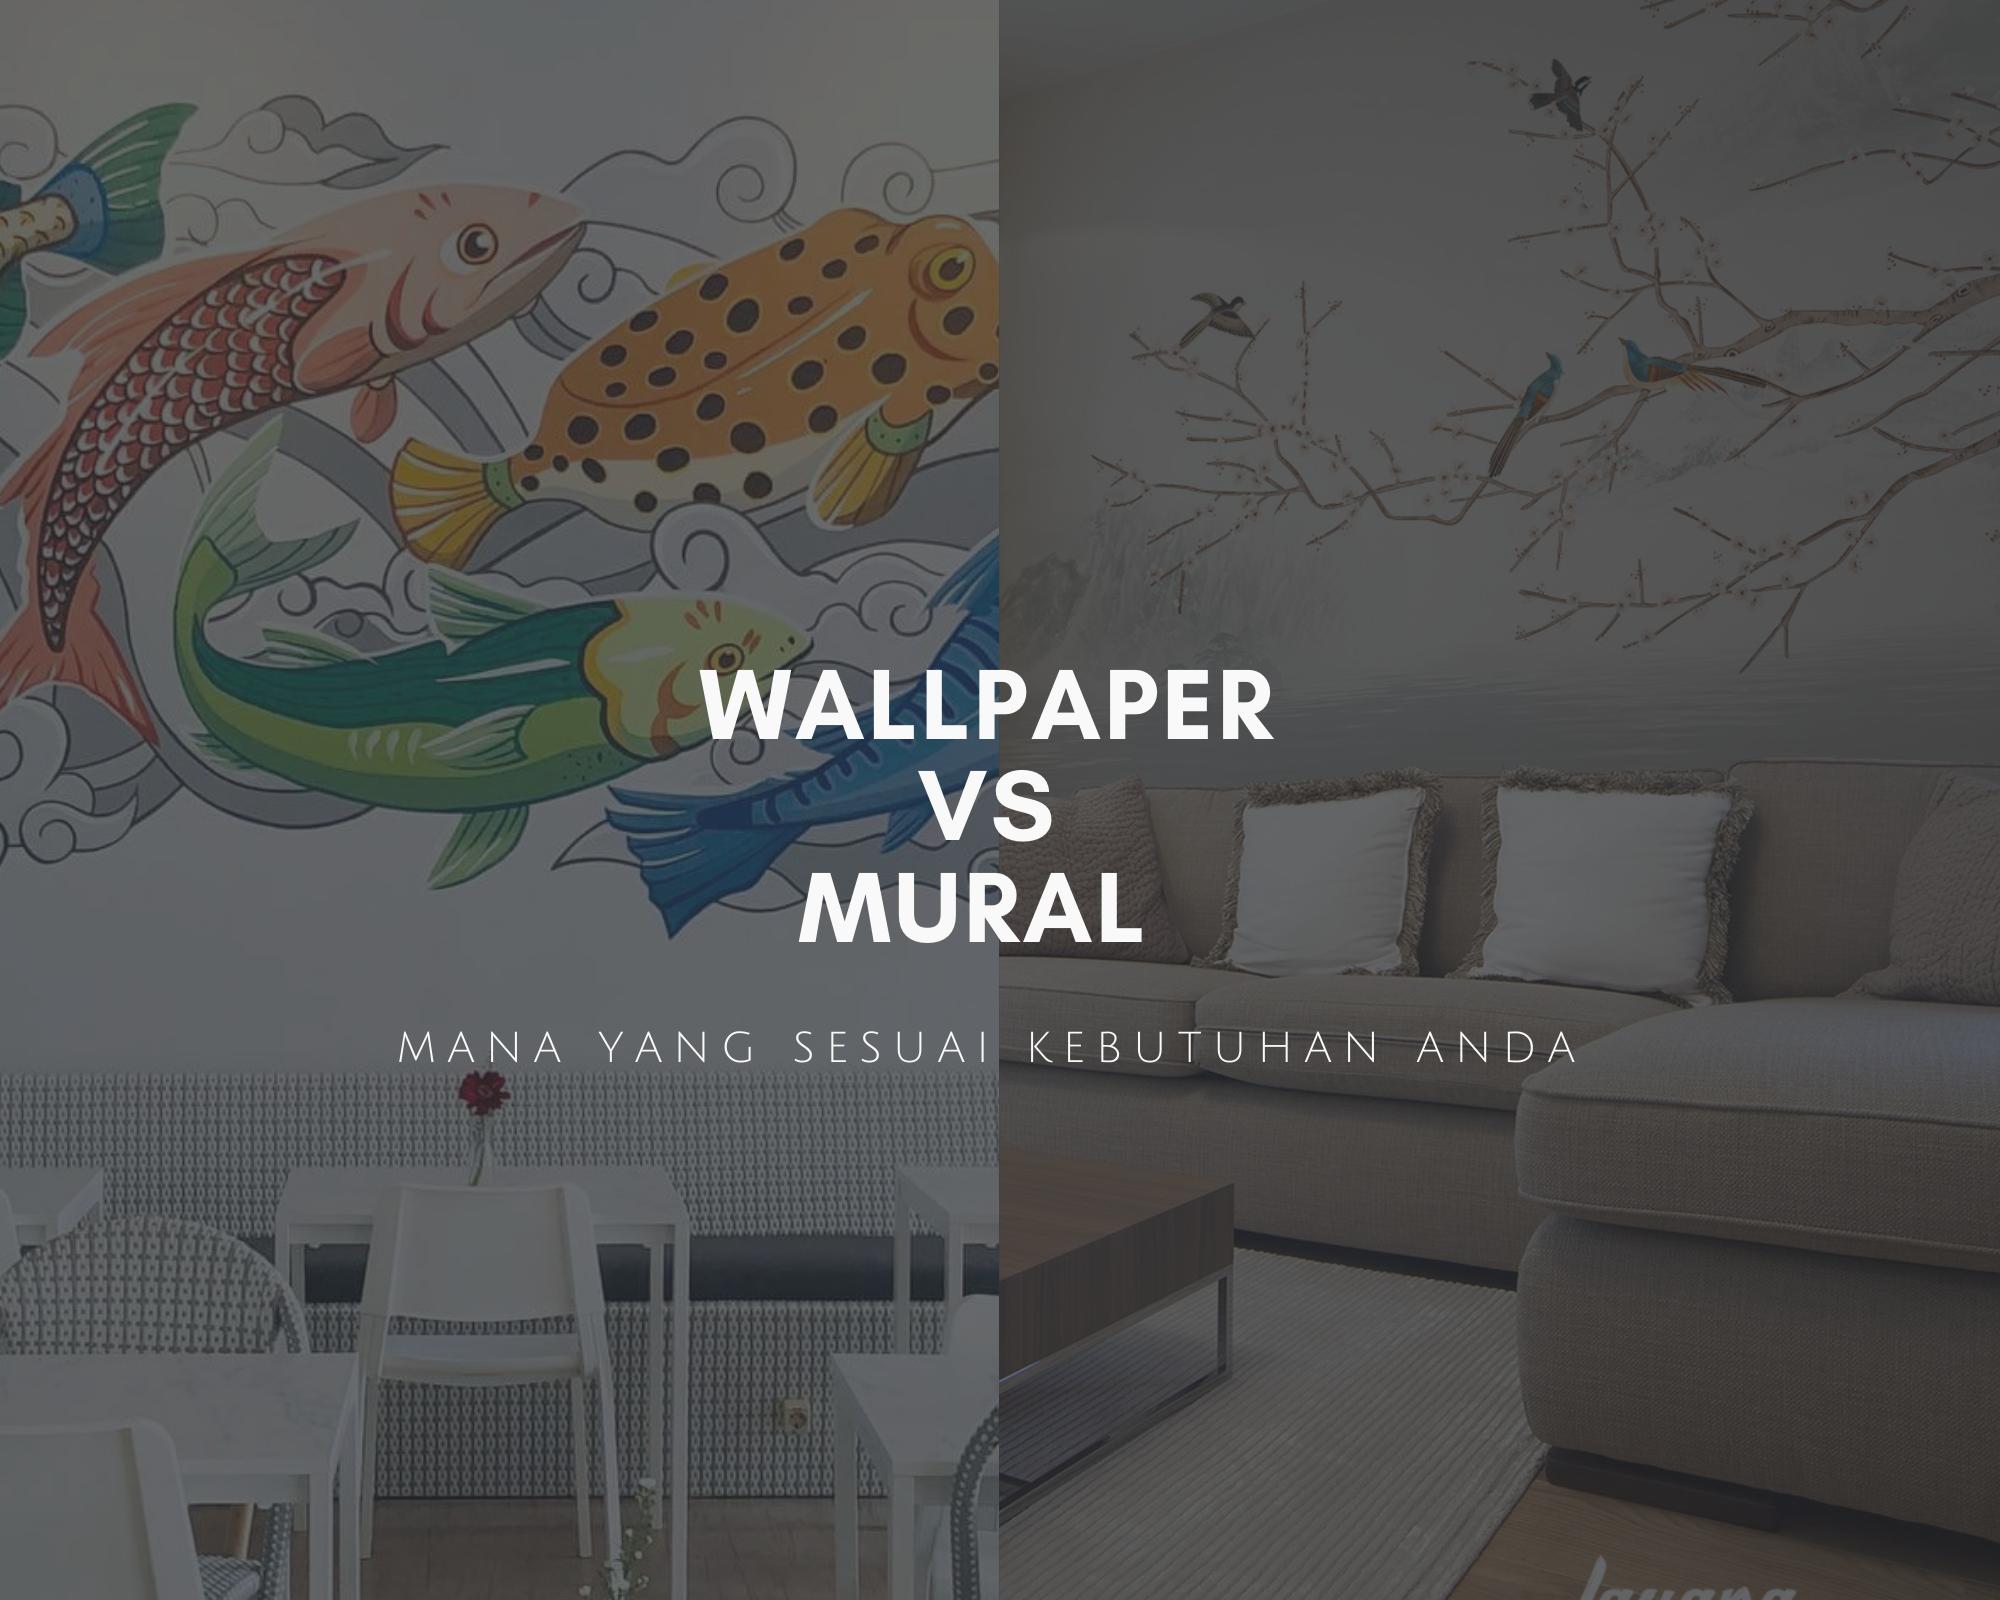 perbedaan wallpaper dan mural